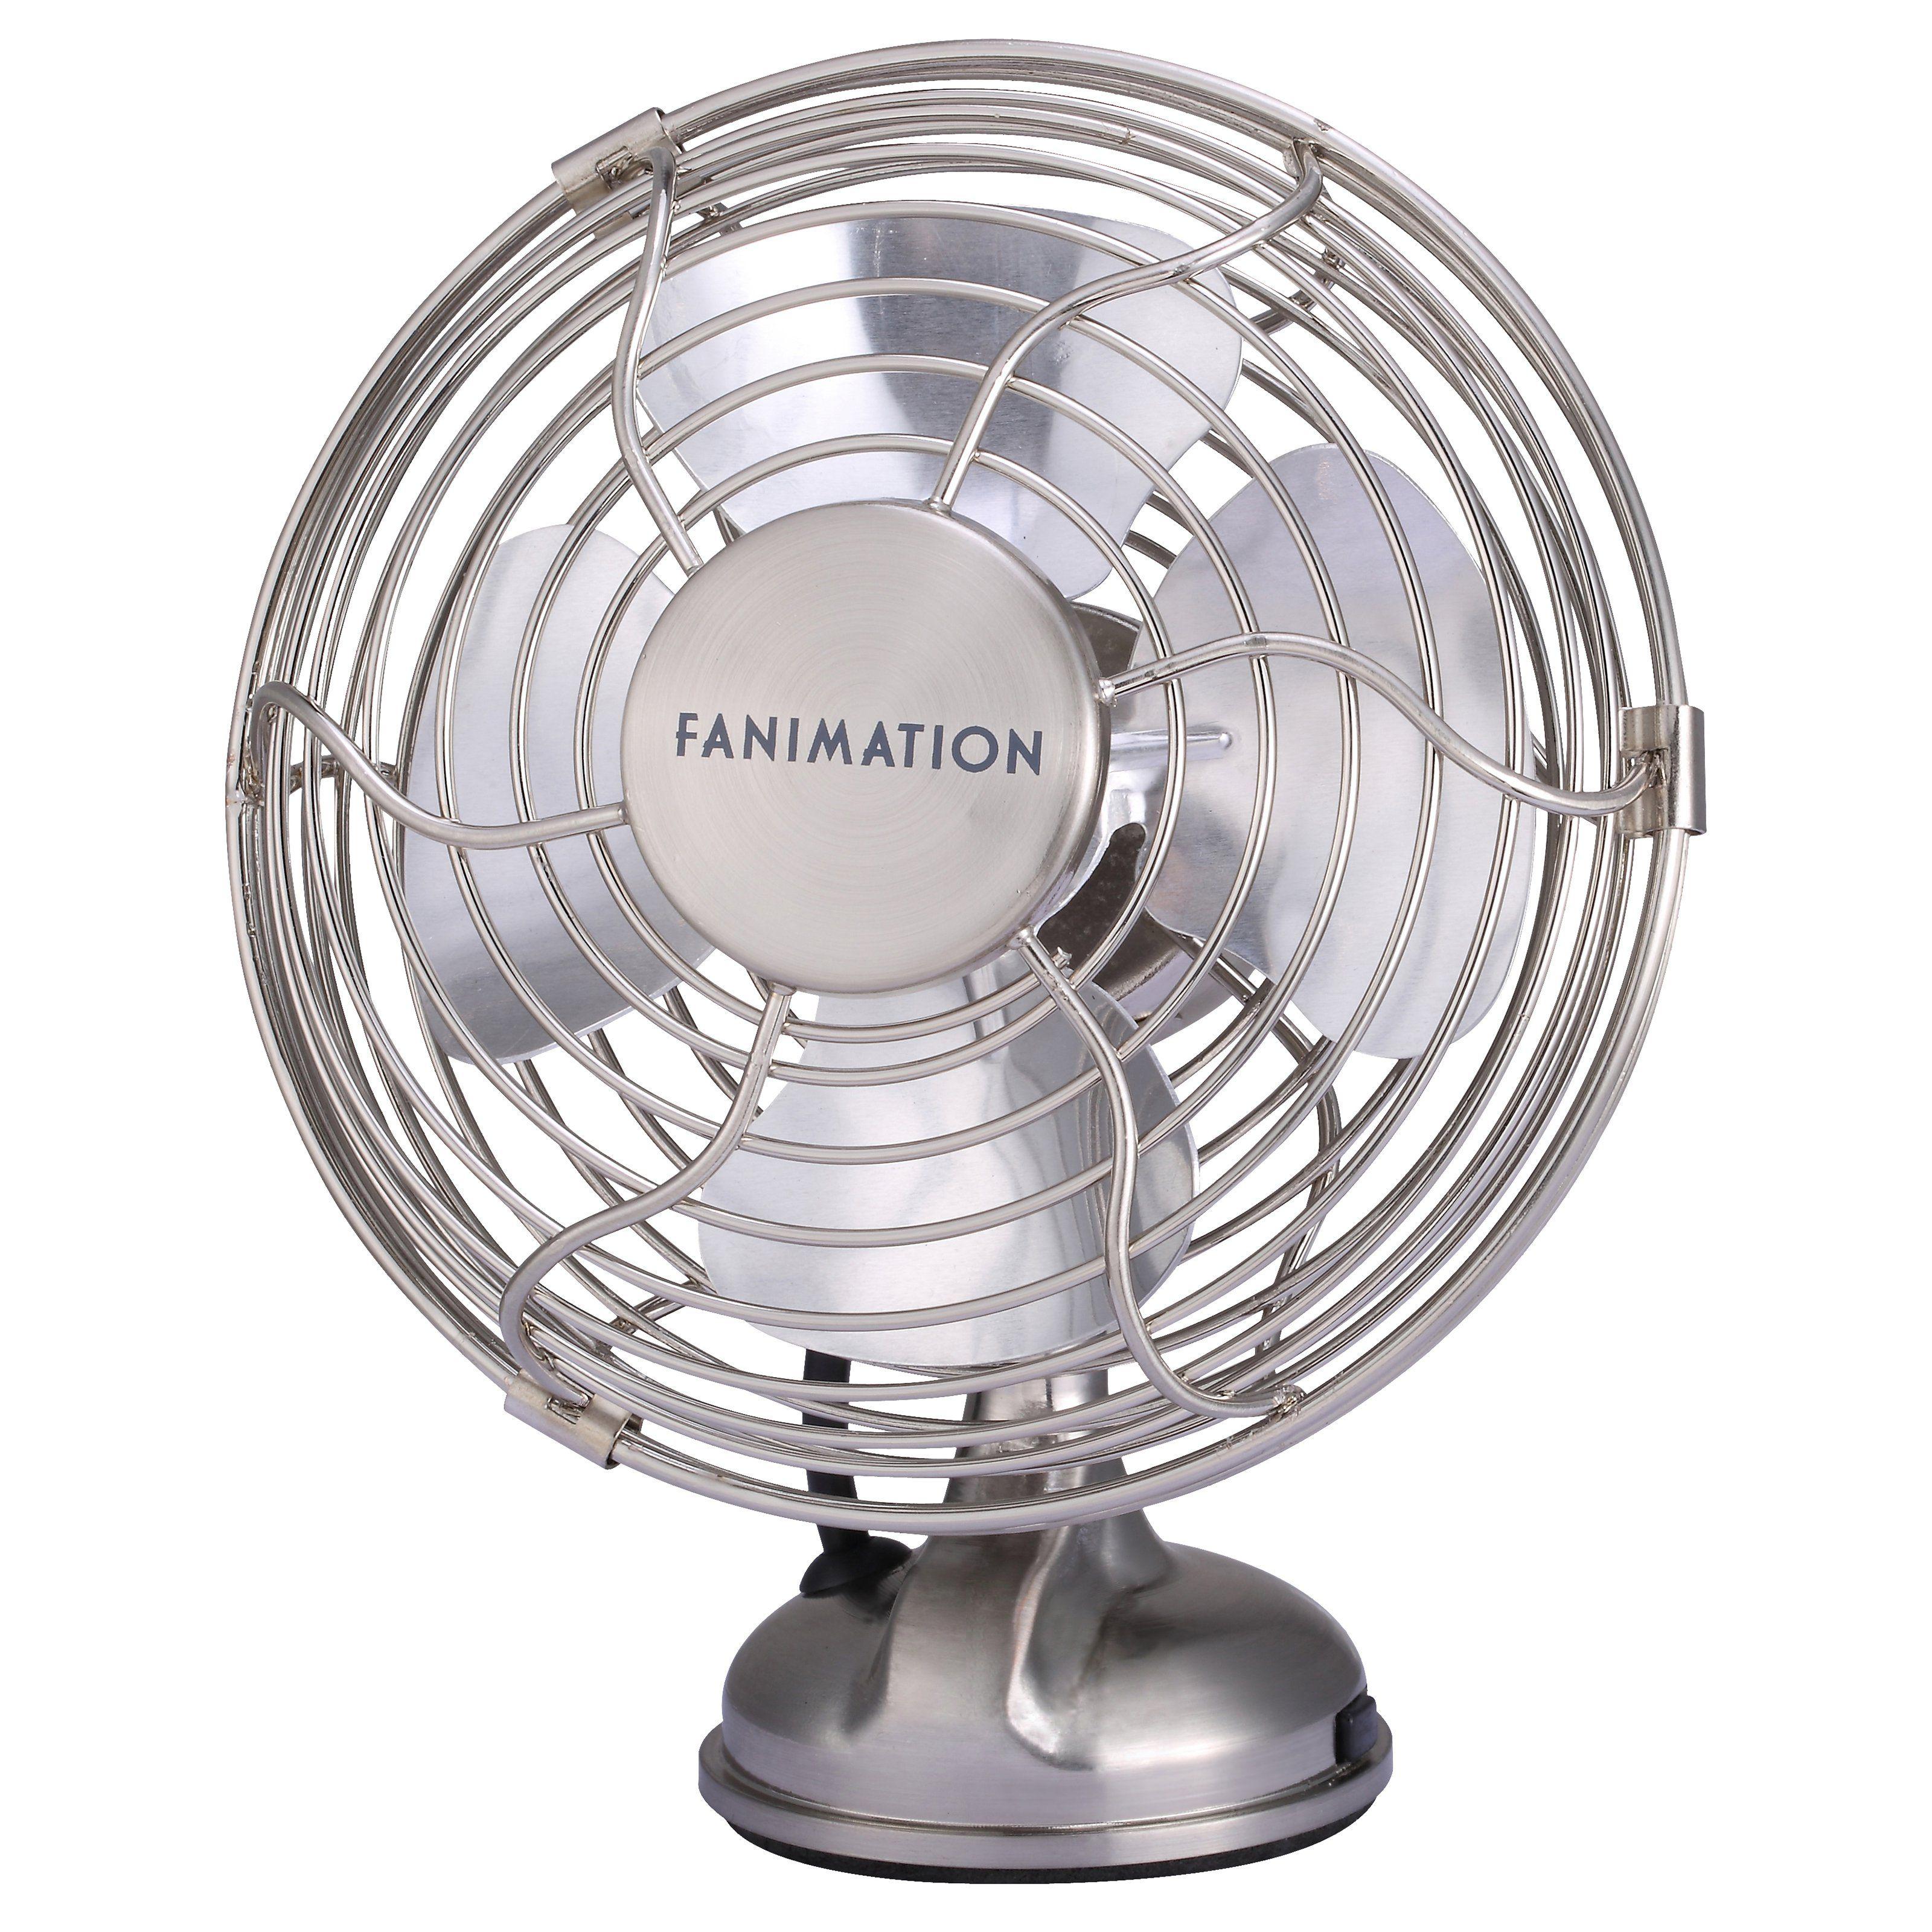 Fanimation Mini Breeze Fp6252bn 5 In Table Fan From Hayneedle